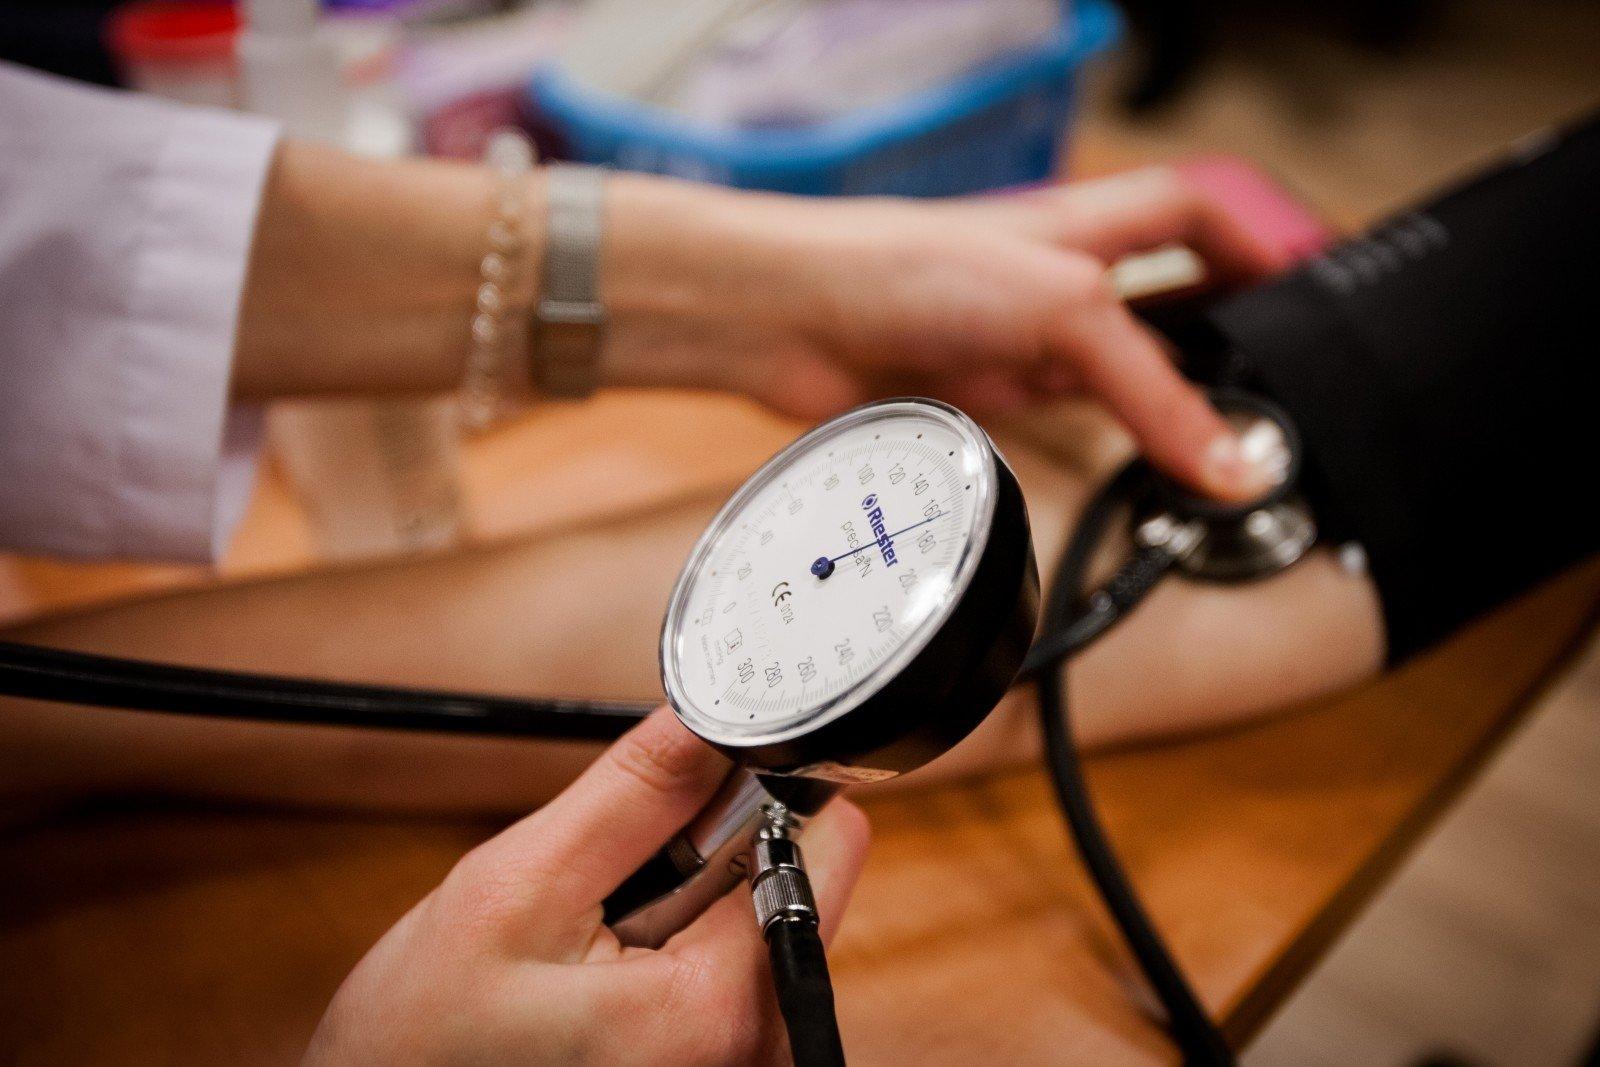 pirmoji pagalba hipertenzijai namuose asmeniui)